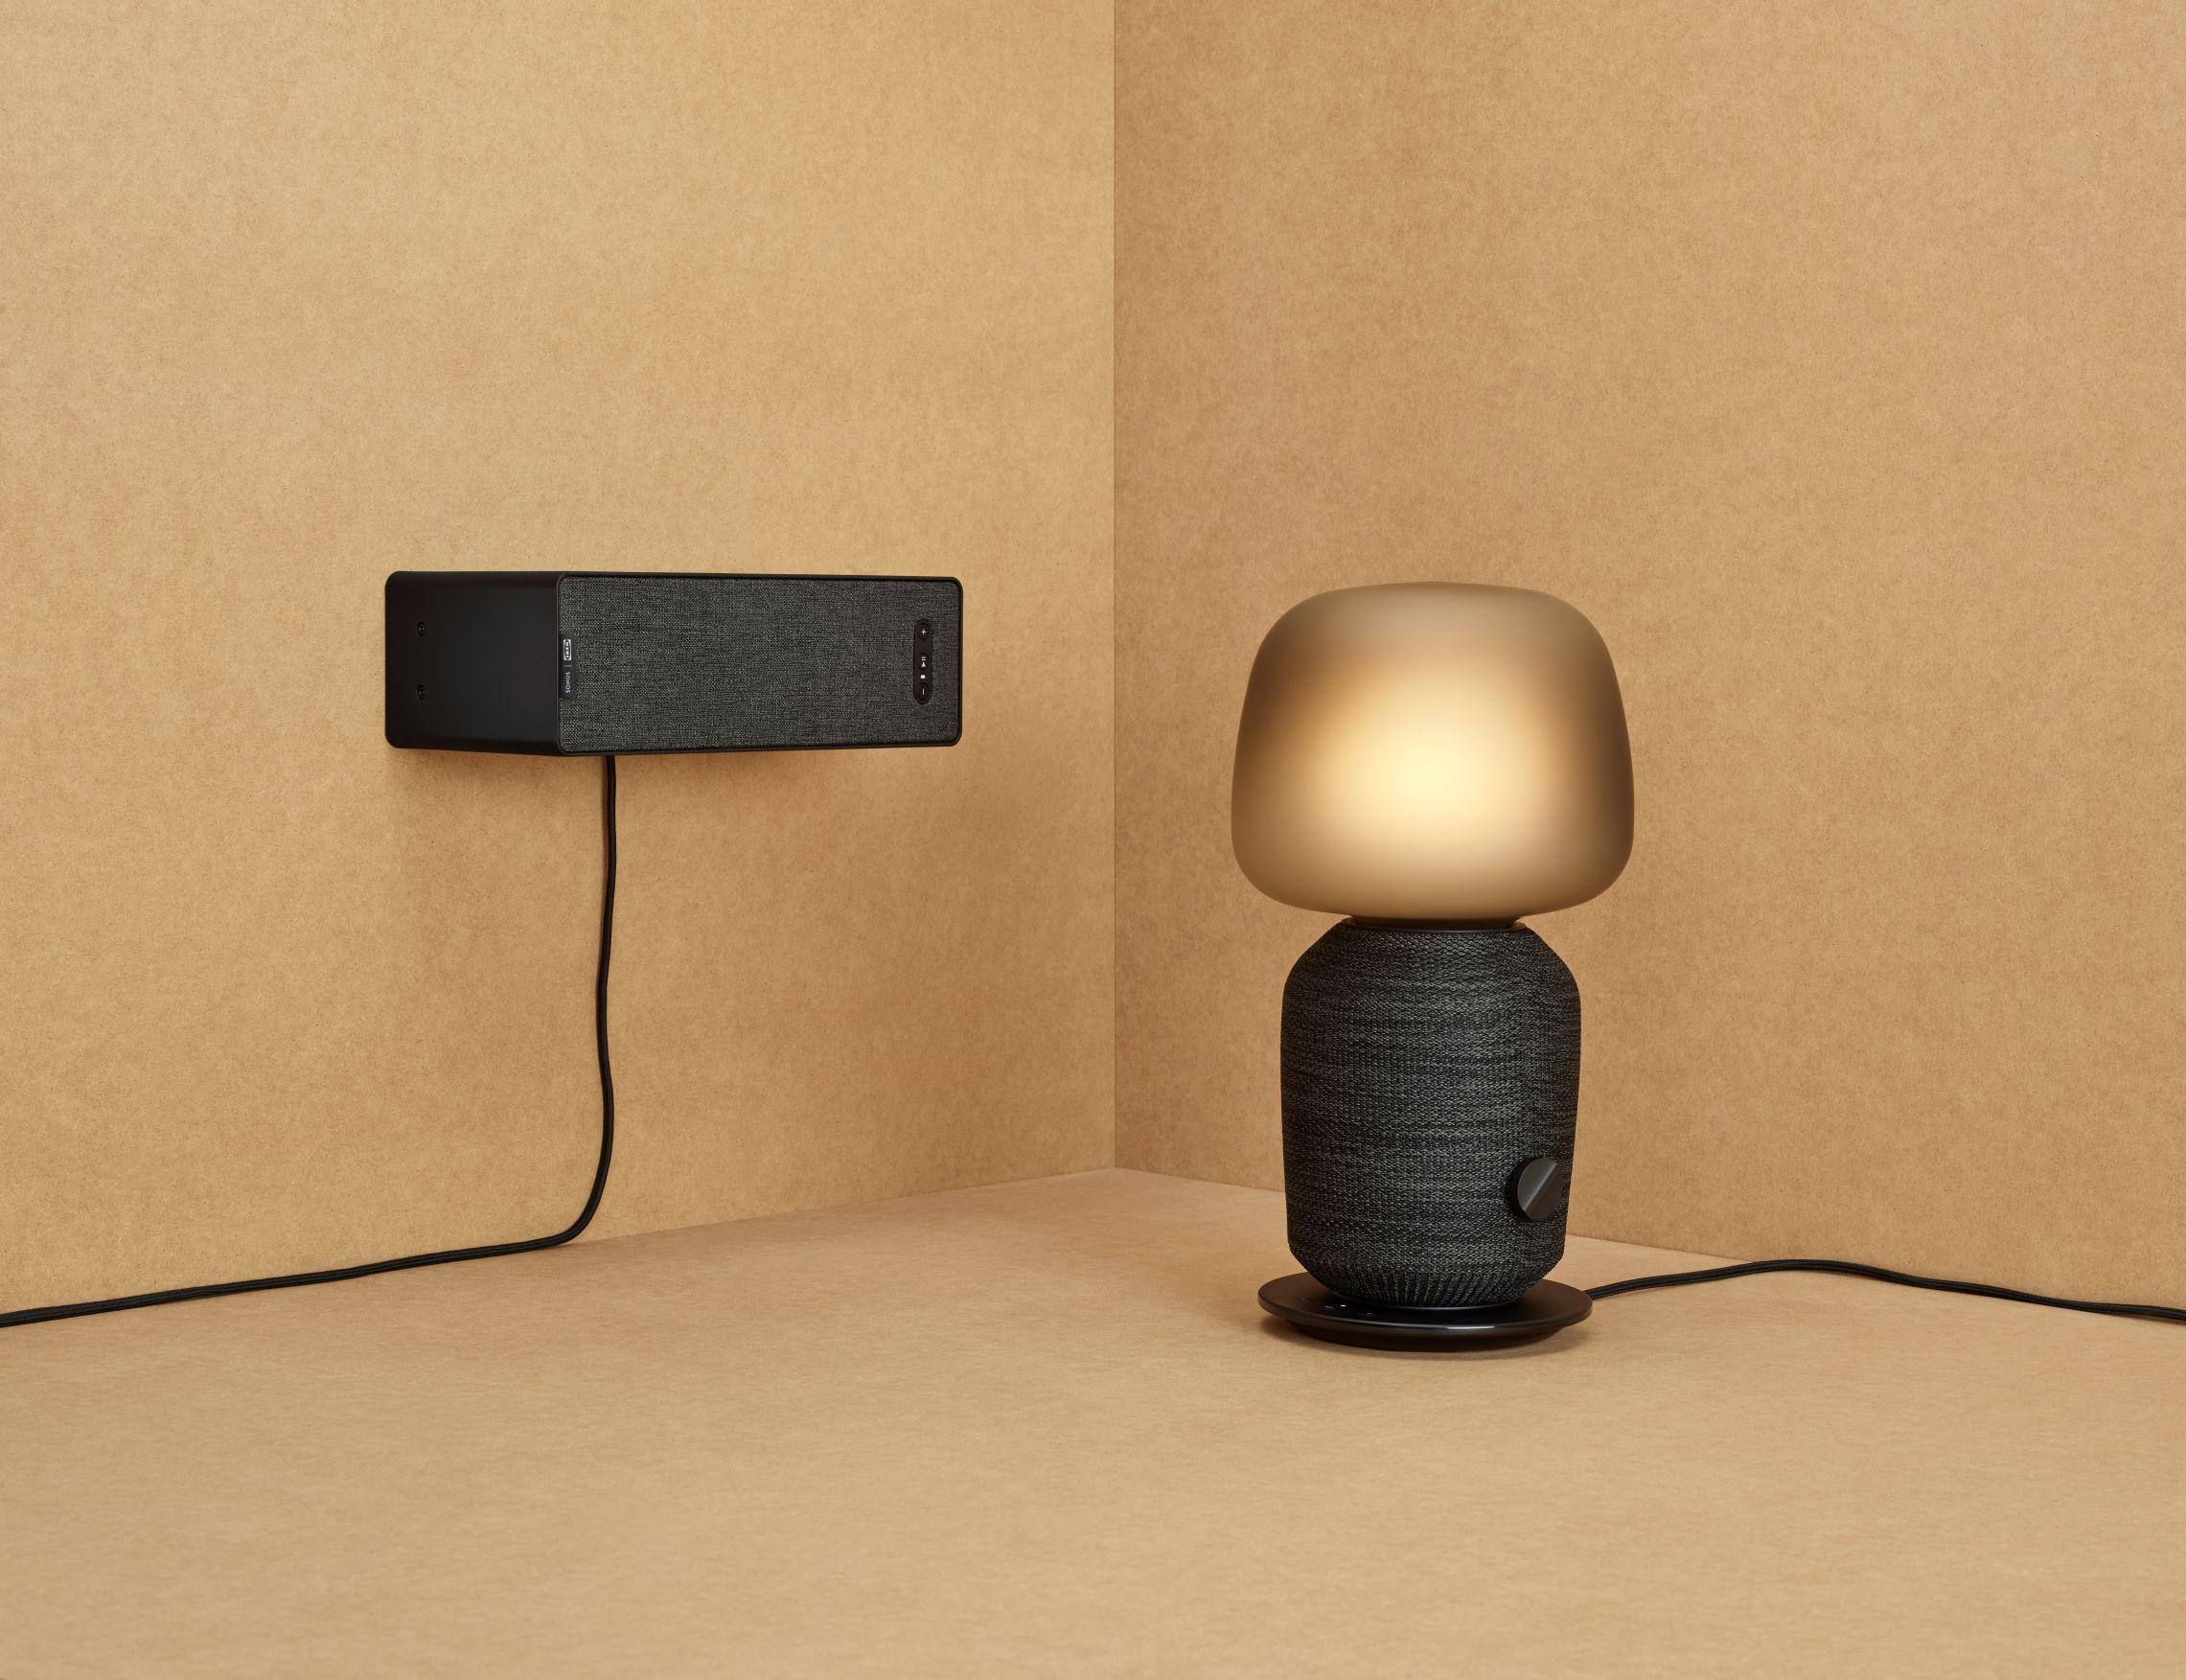 Full Size of Wohnzimmer Lampen Von Ikea Lampe Leuchten Stehend Decke Deckenlampe Deckenleuchte Gardinen Schrank Rollo Deckenlampen Für Wandlampe Bad Wandtattoo Vinylboden Wohnzimmer Wohnzimmer Lampe Ikea